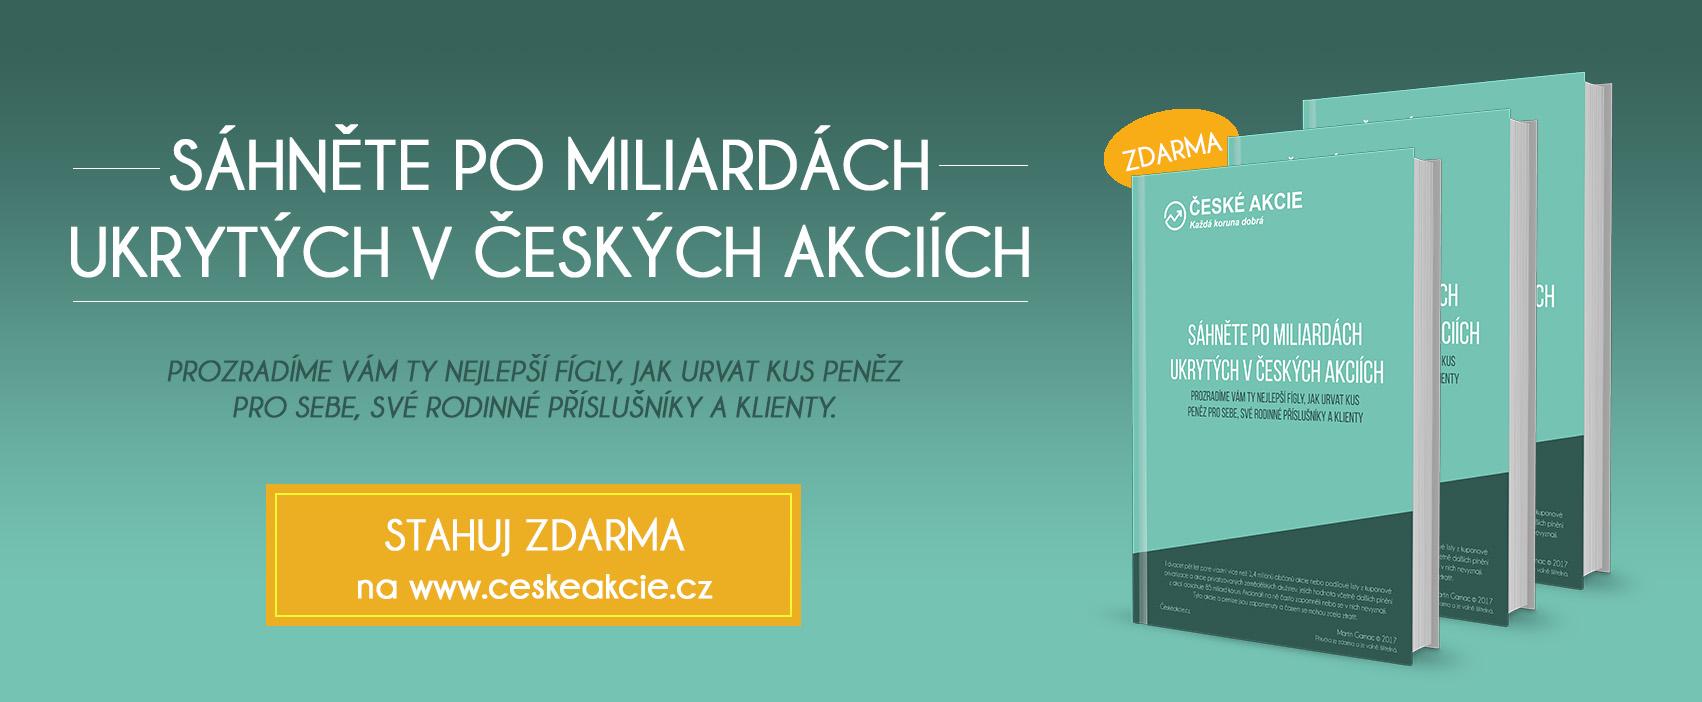 Příručka České akcie